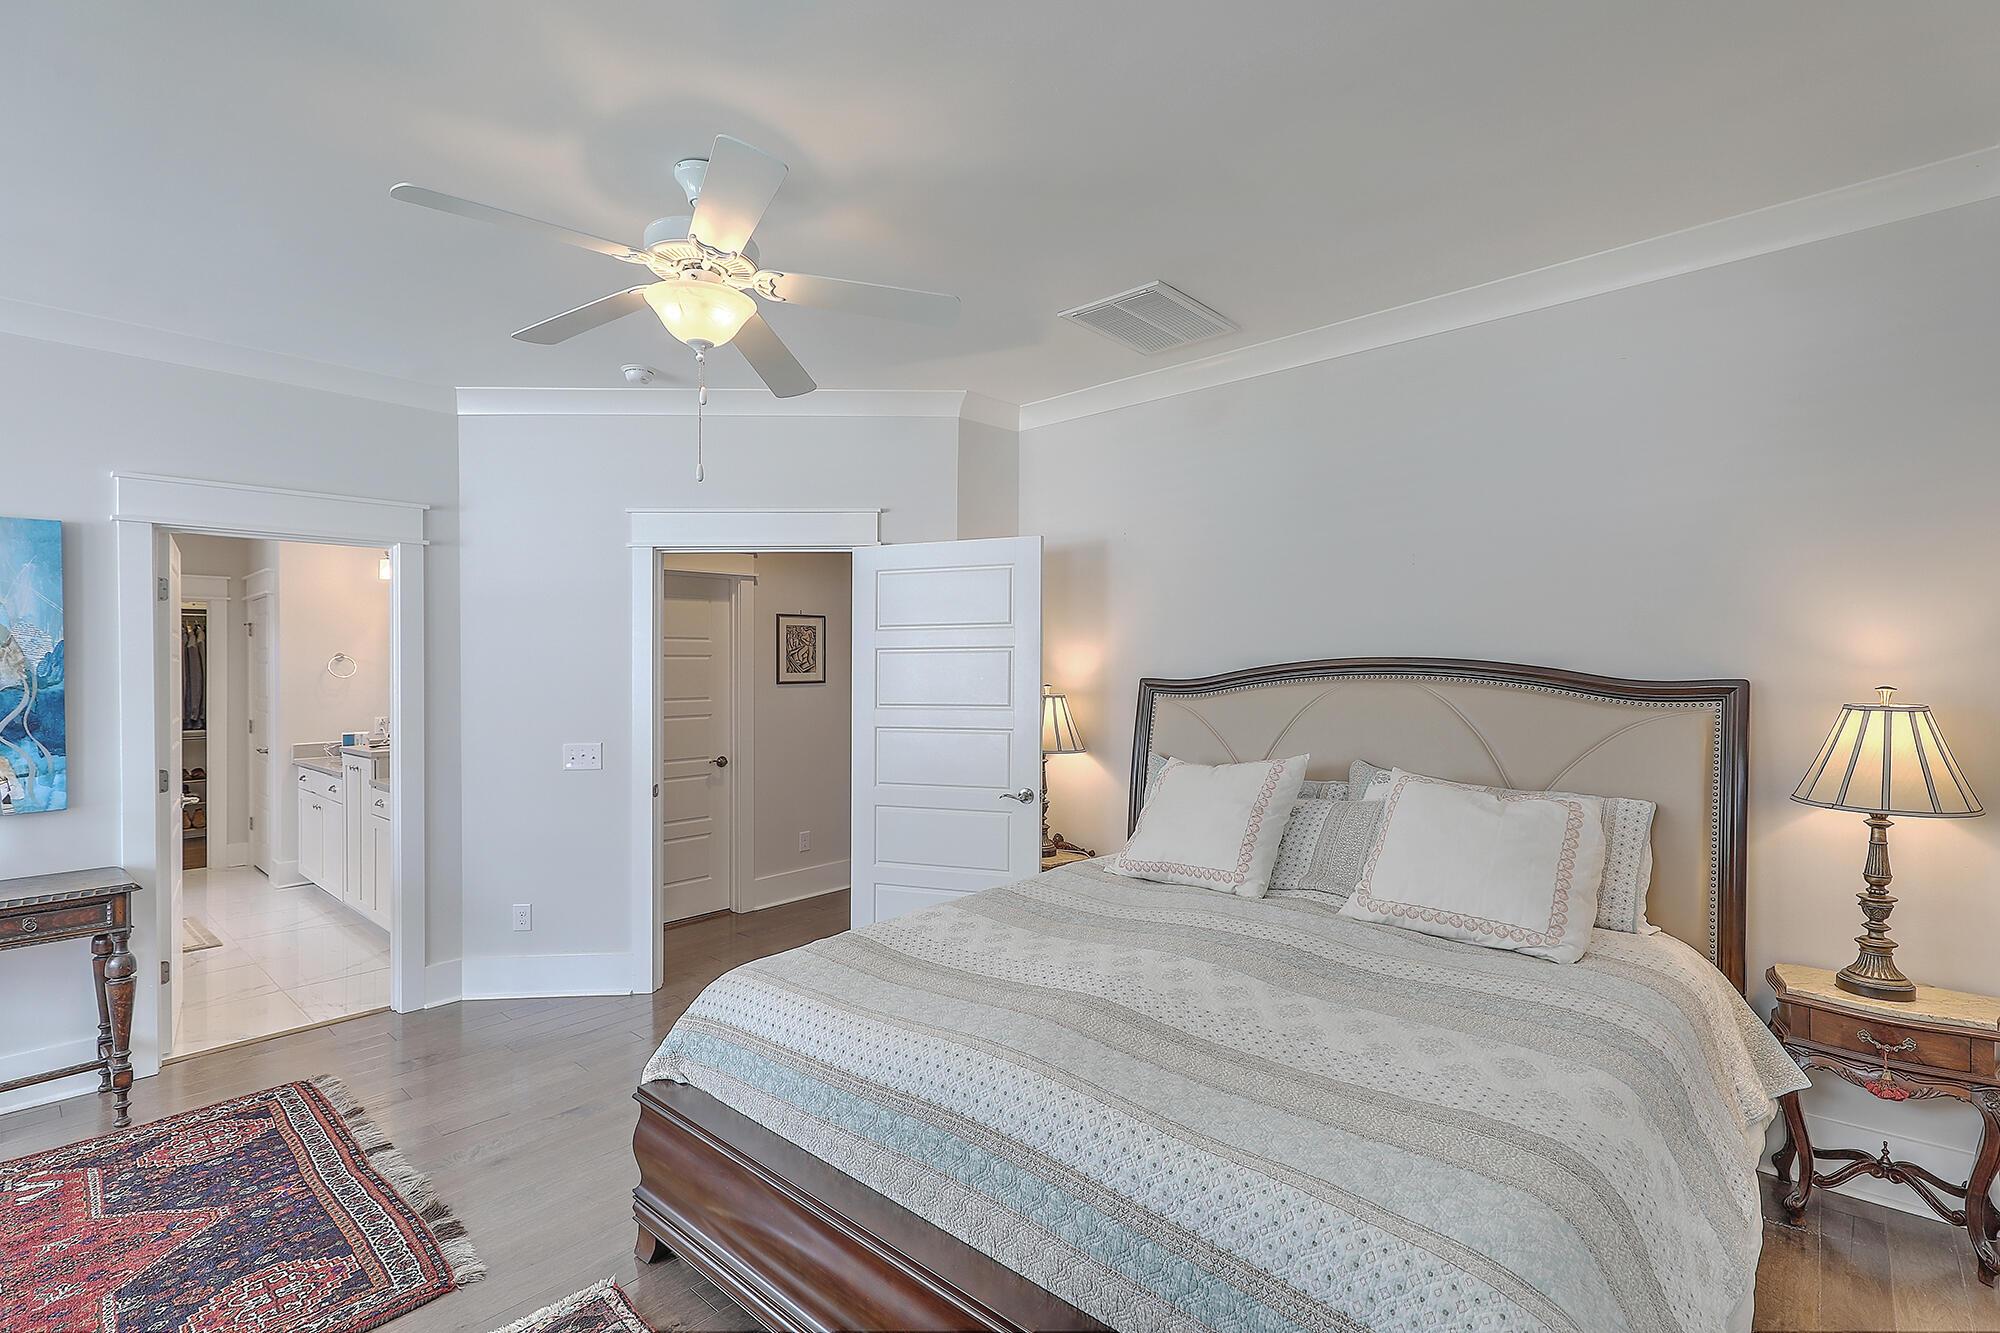 Dunes West Homes For Sale - 2915 Eddy, Mount Pleasant, SC - 35